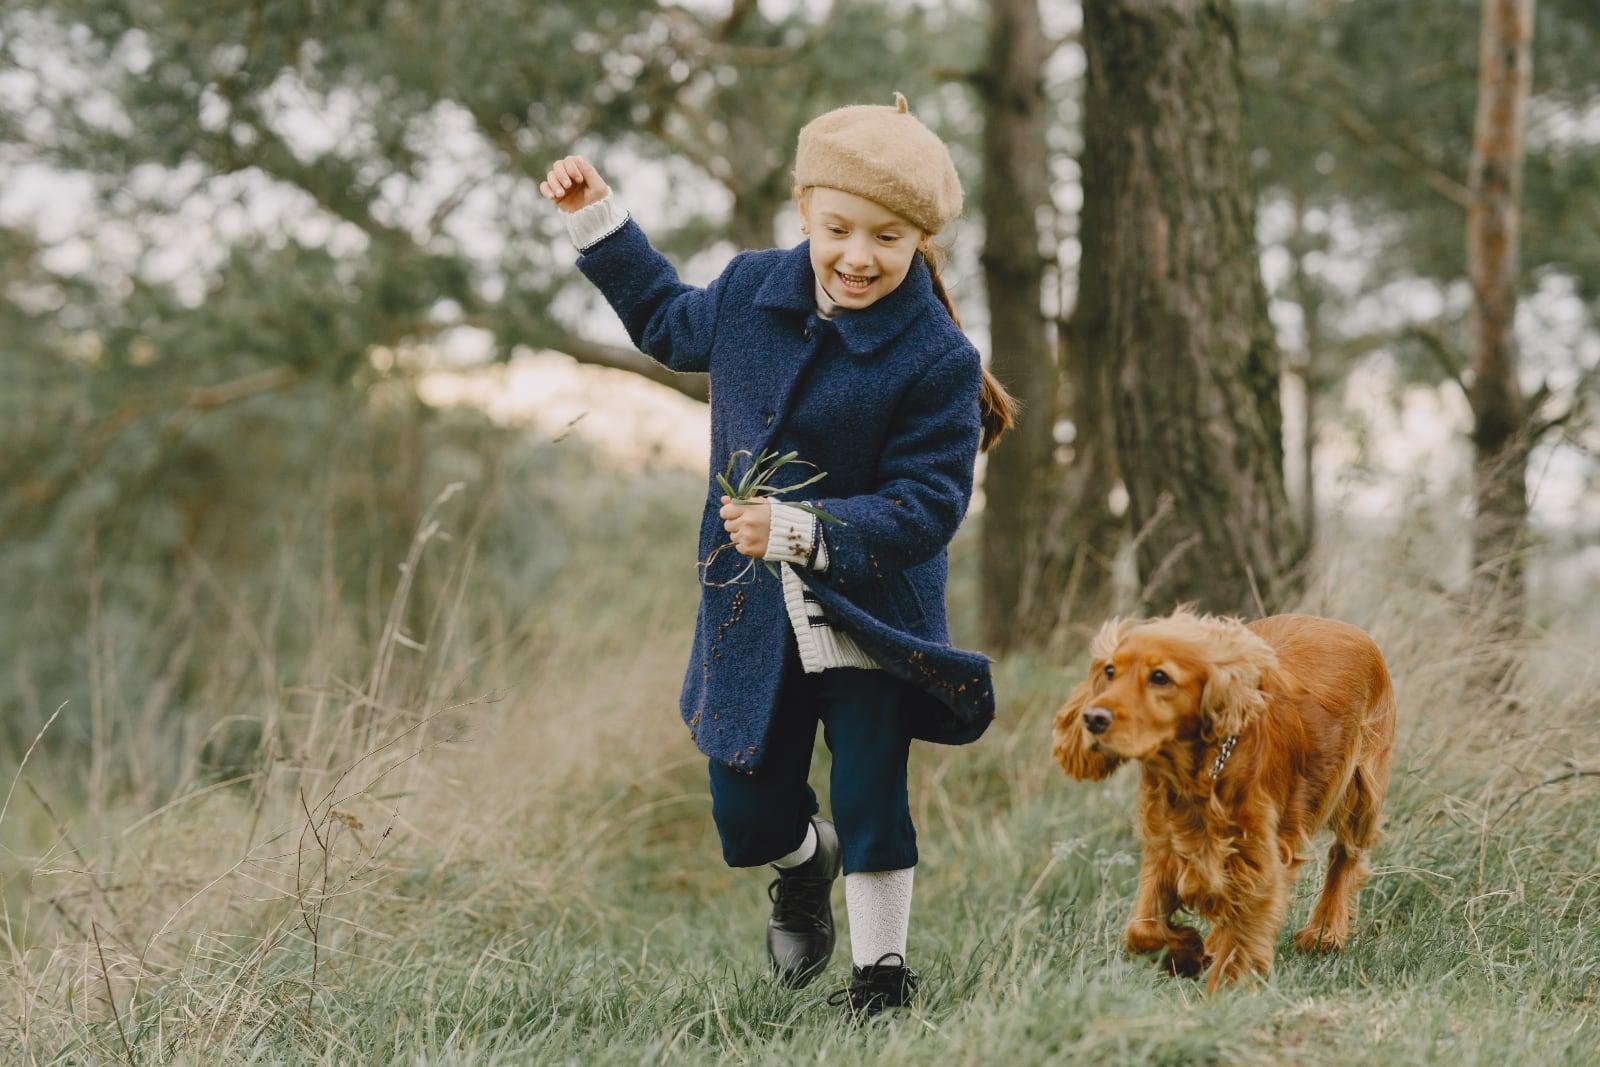 meisje met blauwe winterjas rent vrolijkmet hond in bos